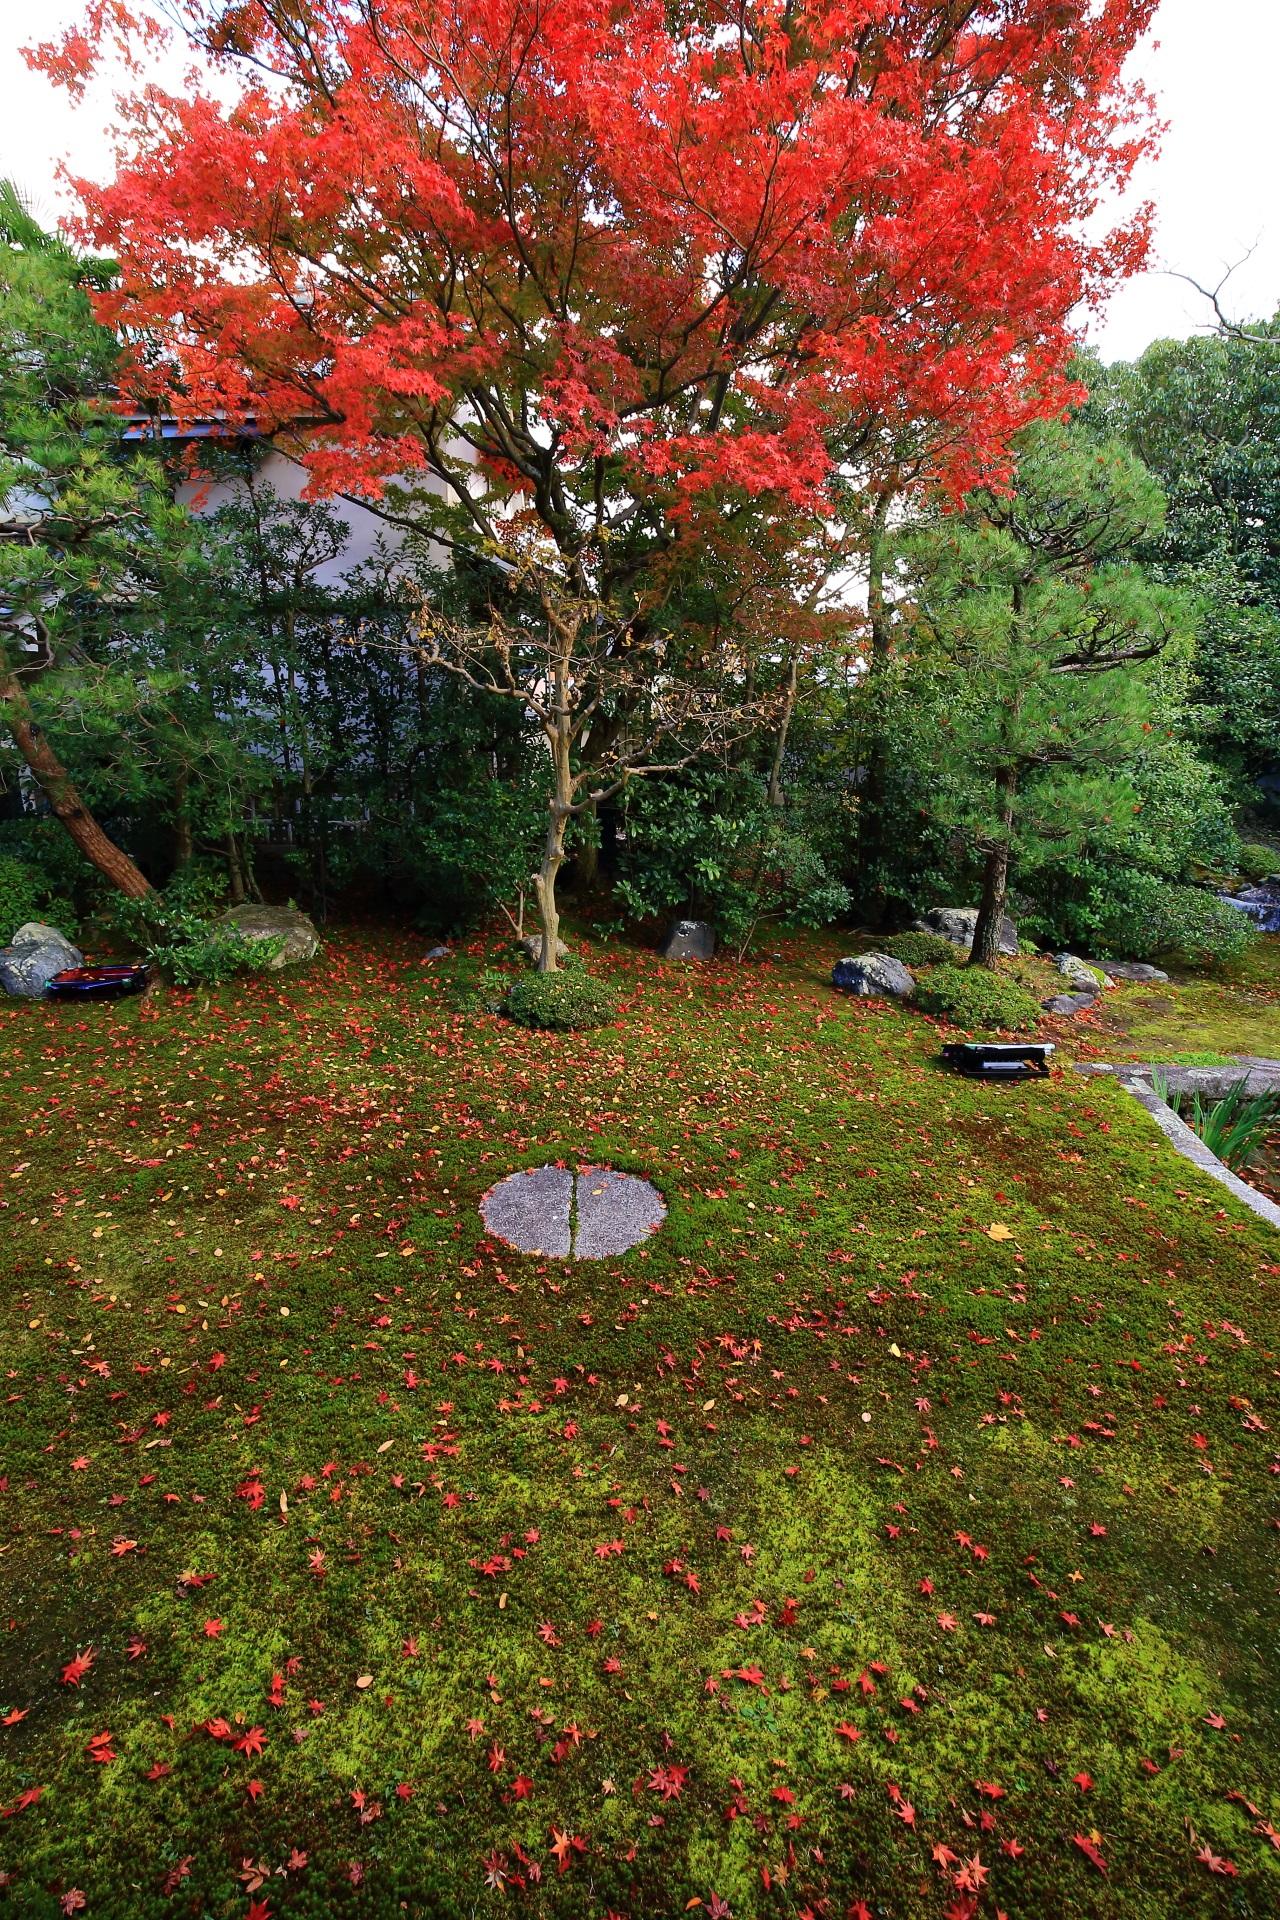 本法寺の燃え上がるような真っ赤な紅葉と静かな苔を華やぐ散り紅葉